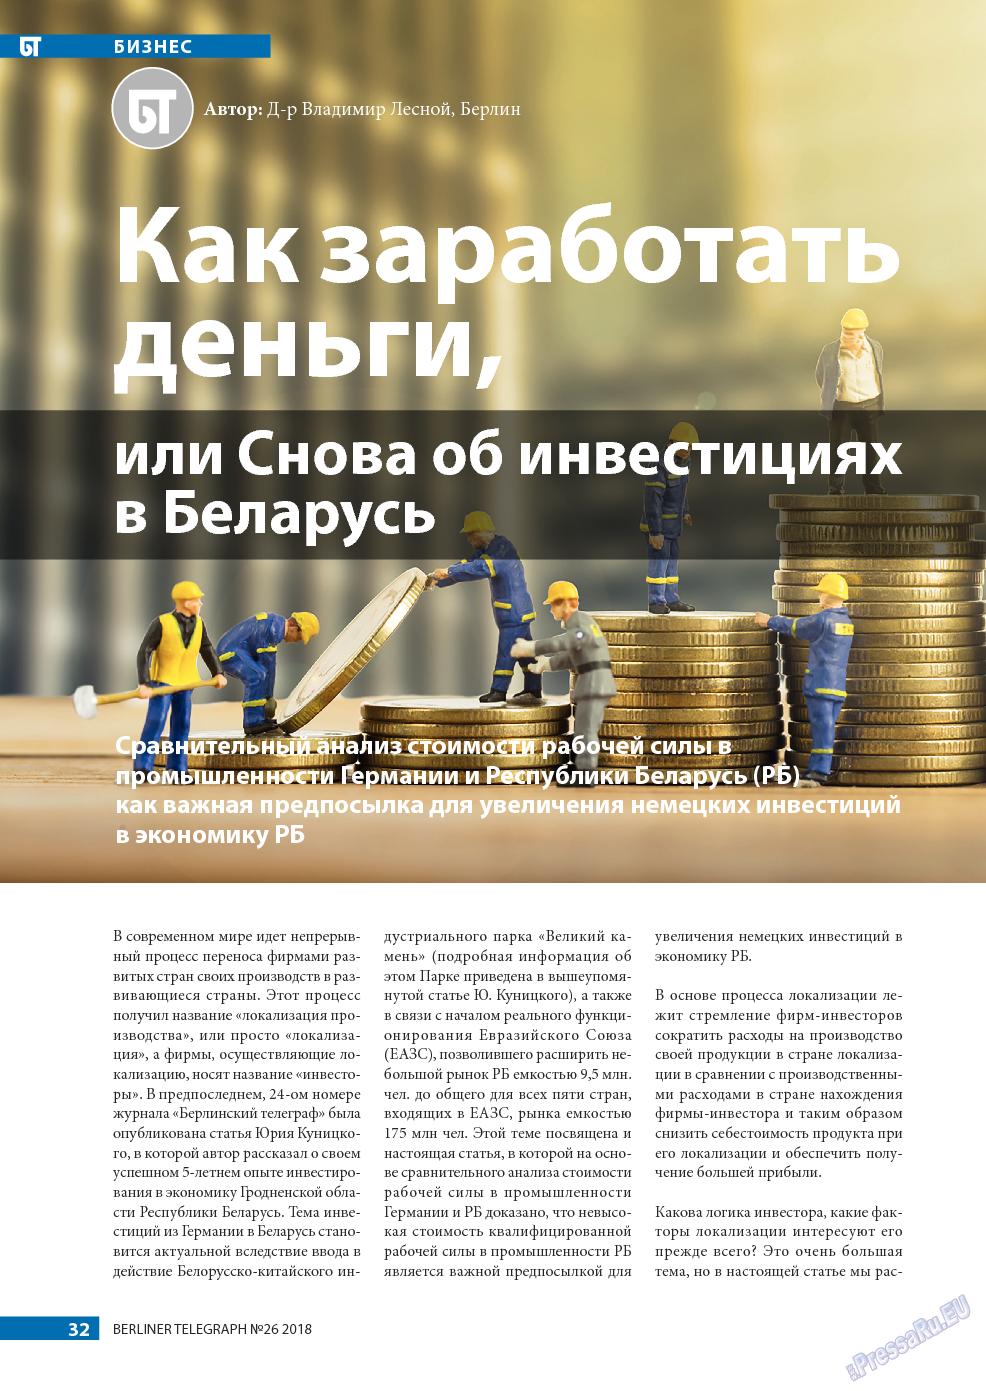 Берлинский телеграф (журнал). 2018 год, номер 26, стр. 32